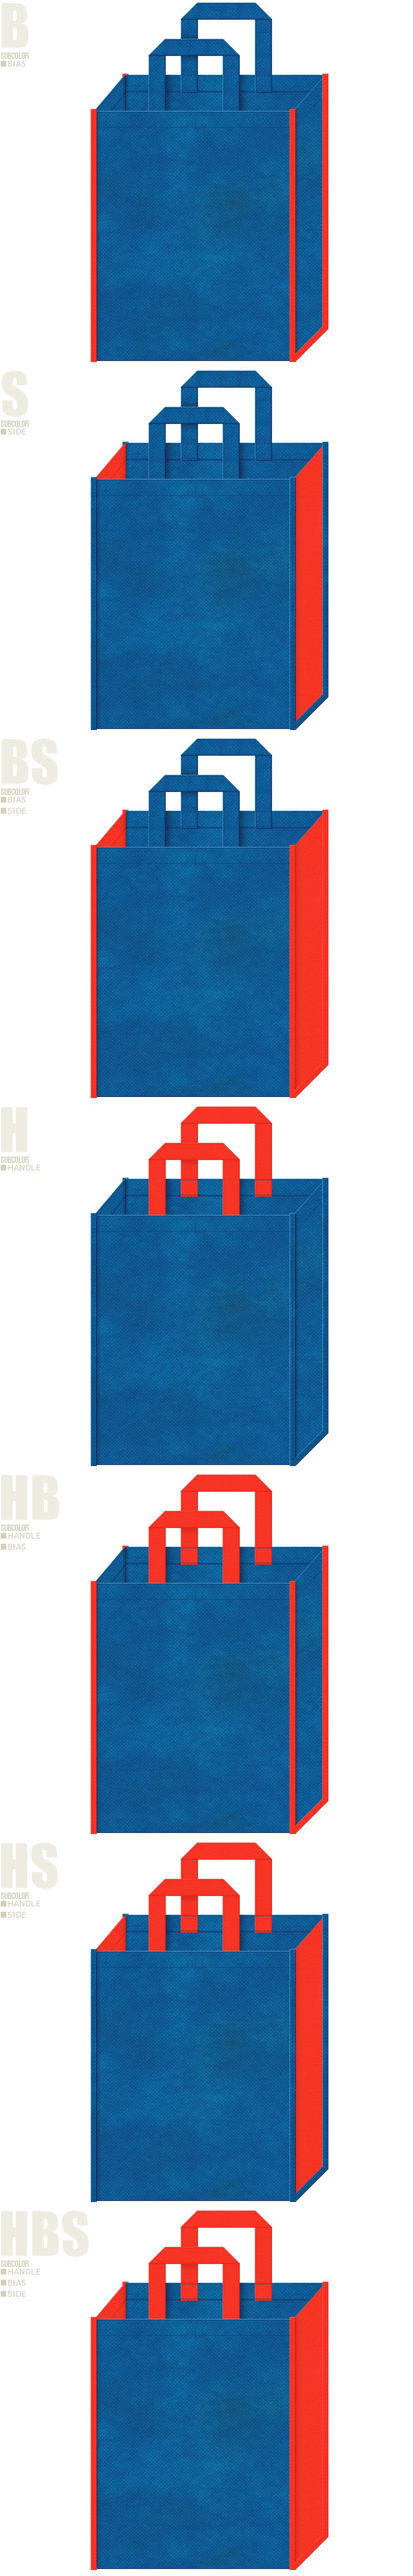 ロボット・ラジコン・プラモデル・ホビーの展示会用バッグにお奨めの不織布バッグデザイン:青色とオレンジ色の配色7パターン